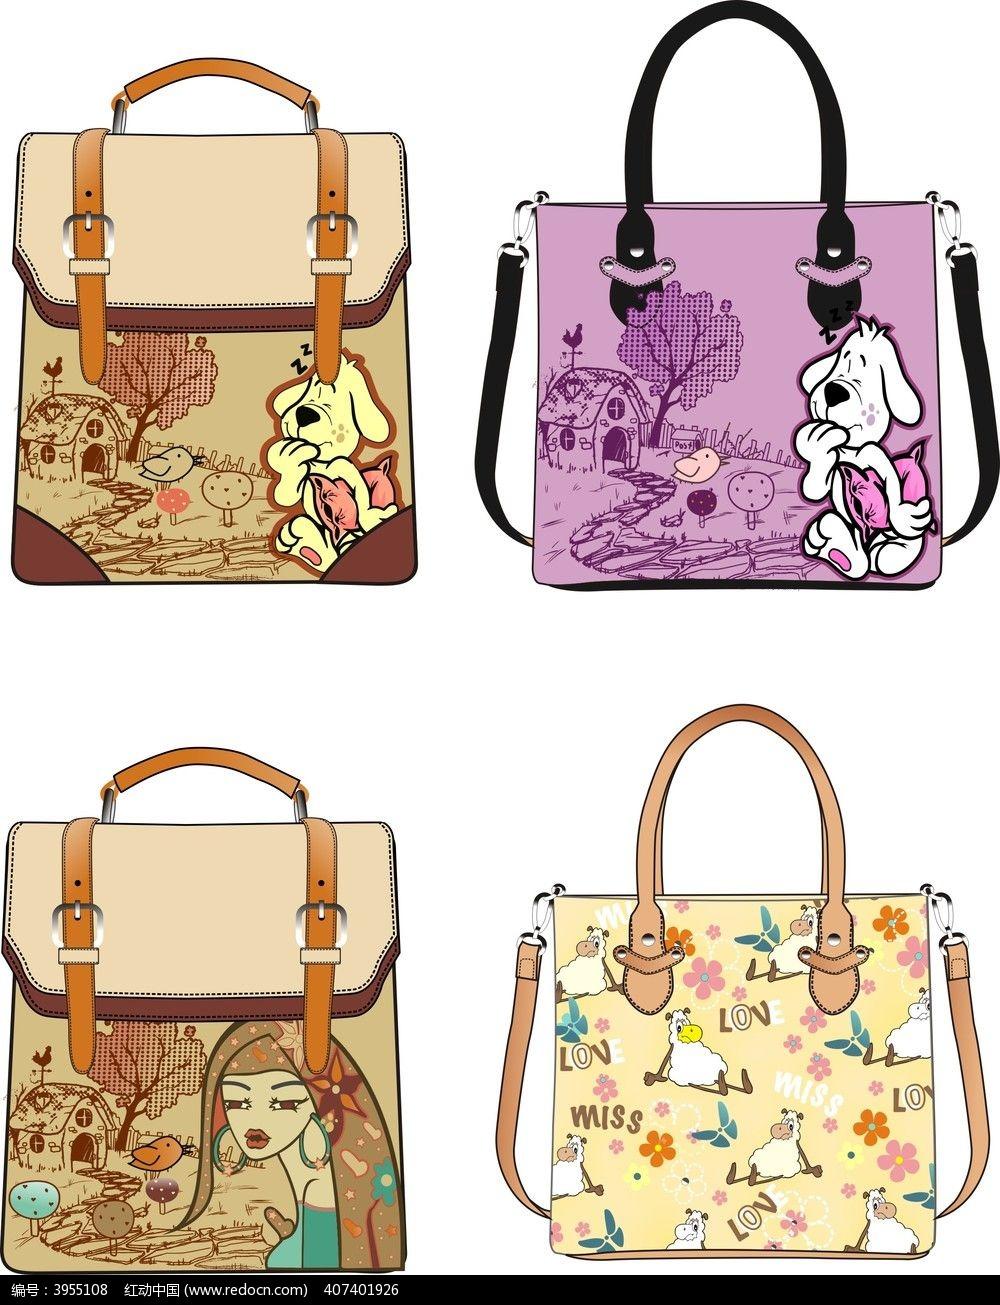 卡通时尚女包 手提包 单肩包 原创款式图 箱包设计图片